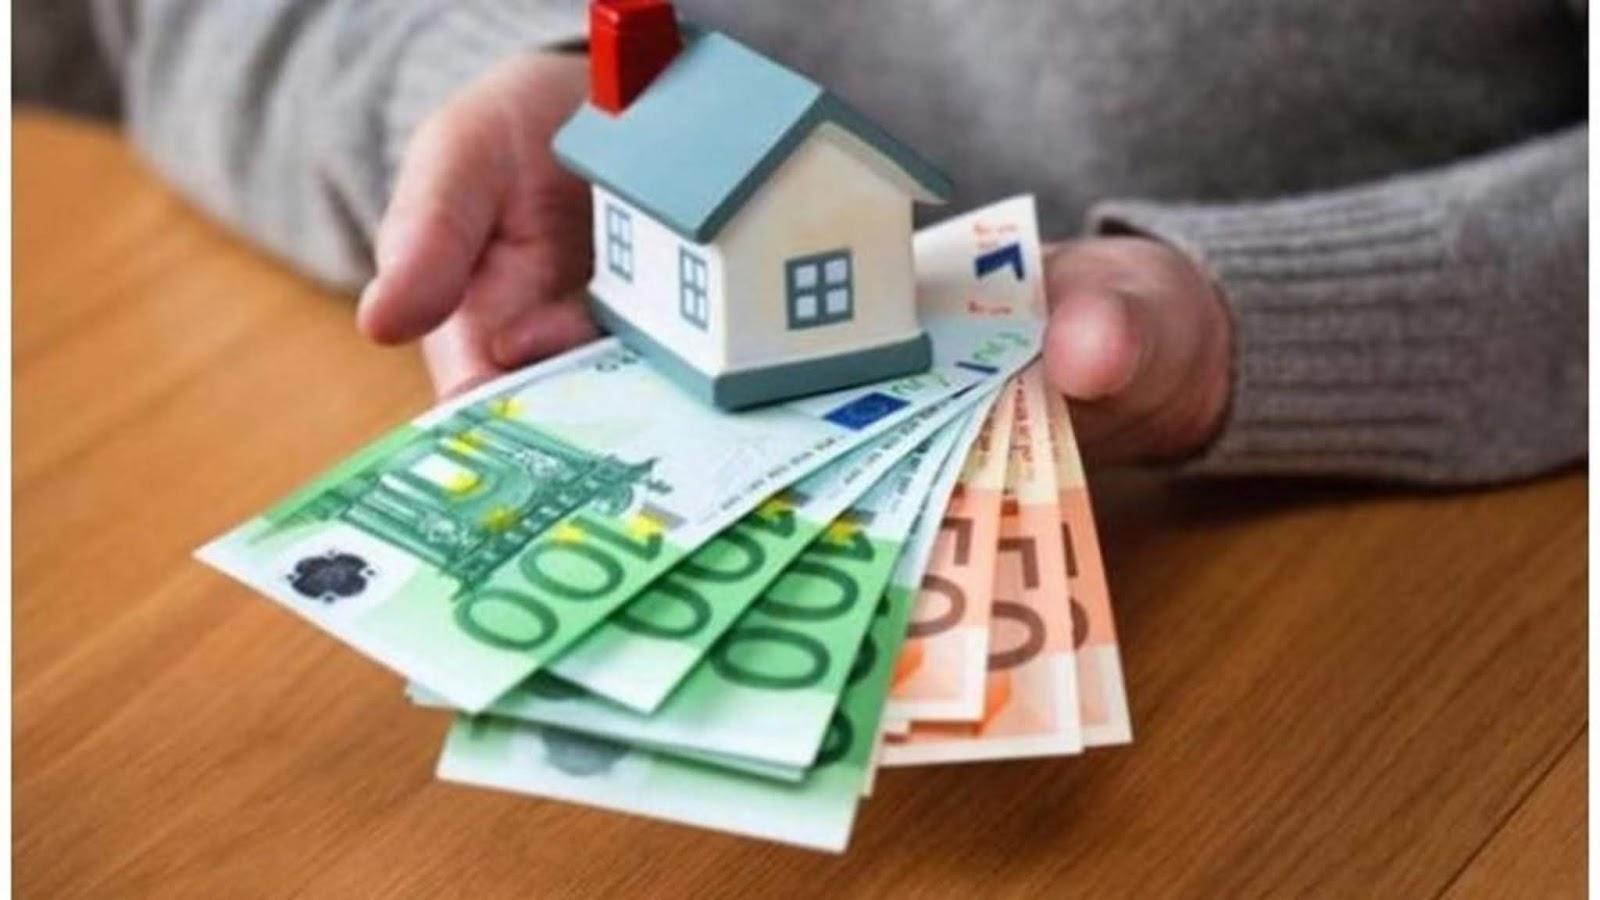 Επίδομα στέγασης:Εγκρίθηκε η πληρωμή για τον Οκτώβριο – Τι αλλάζει από το 2020